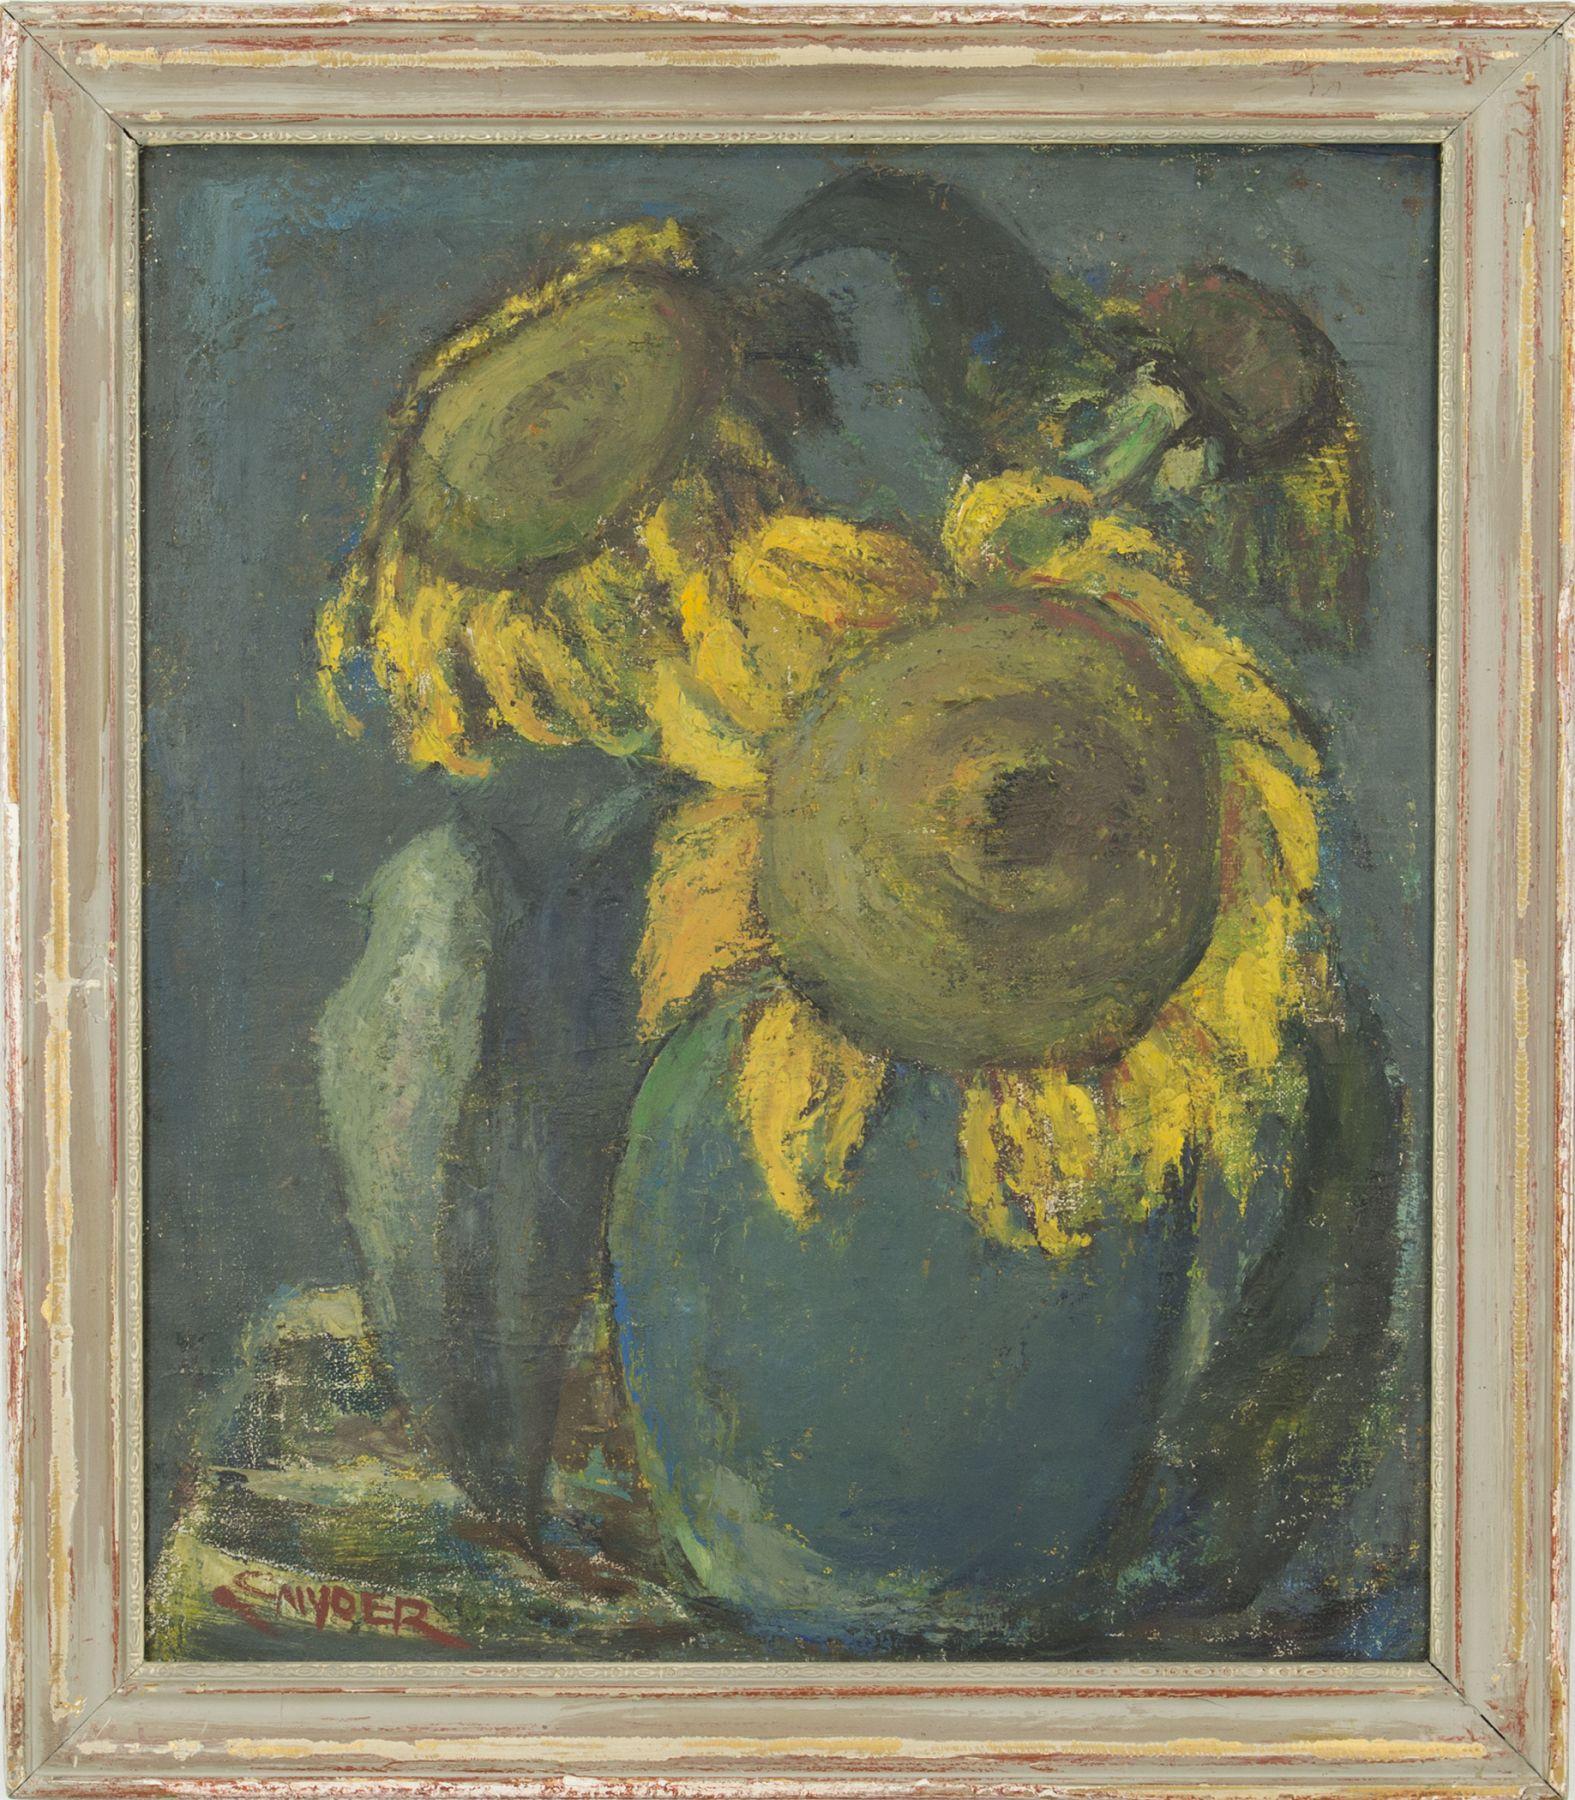 Snyder - Blue Vase